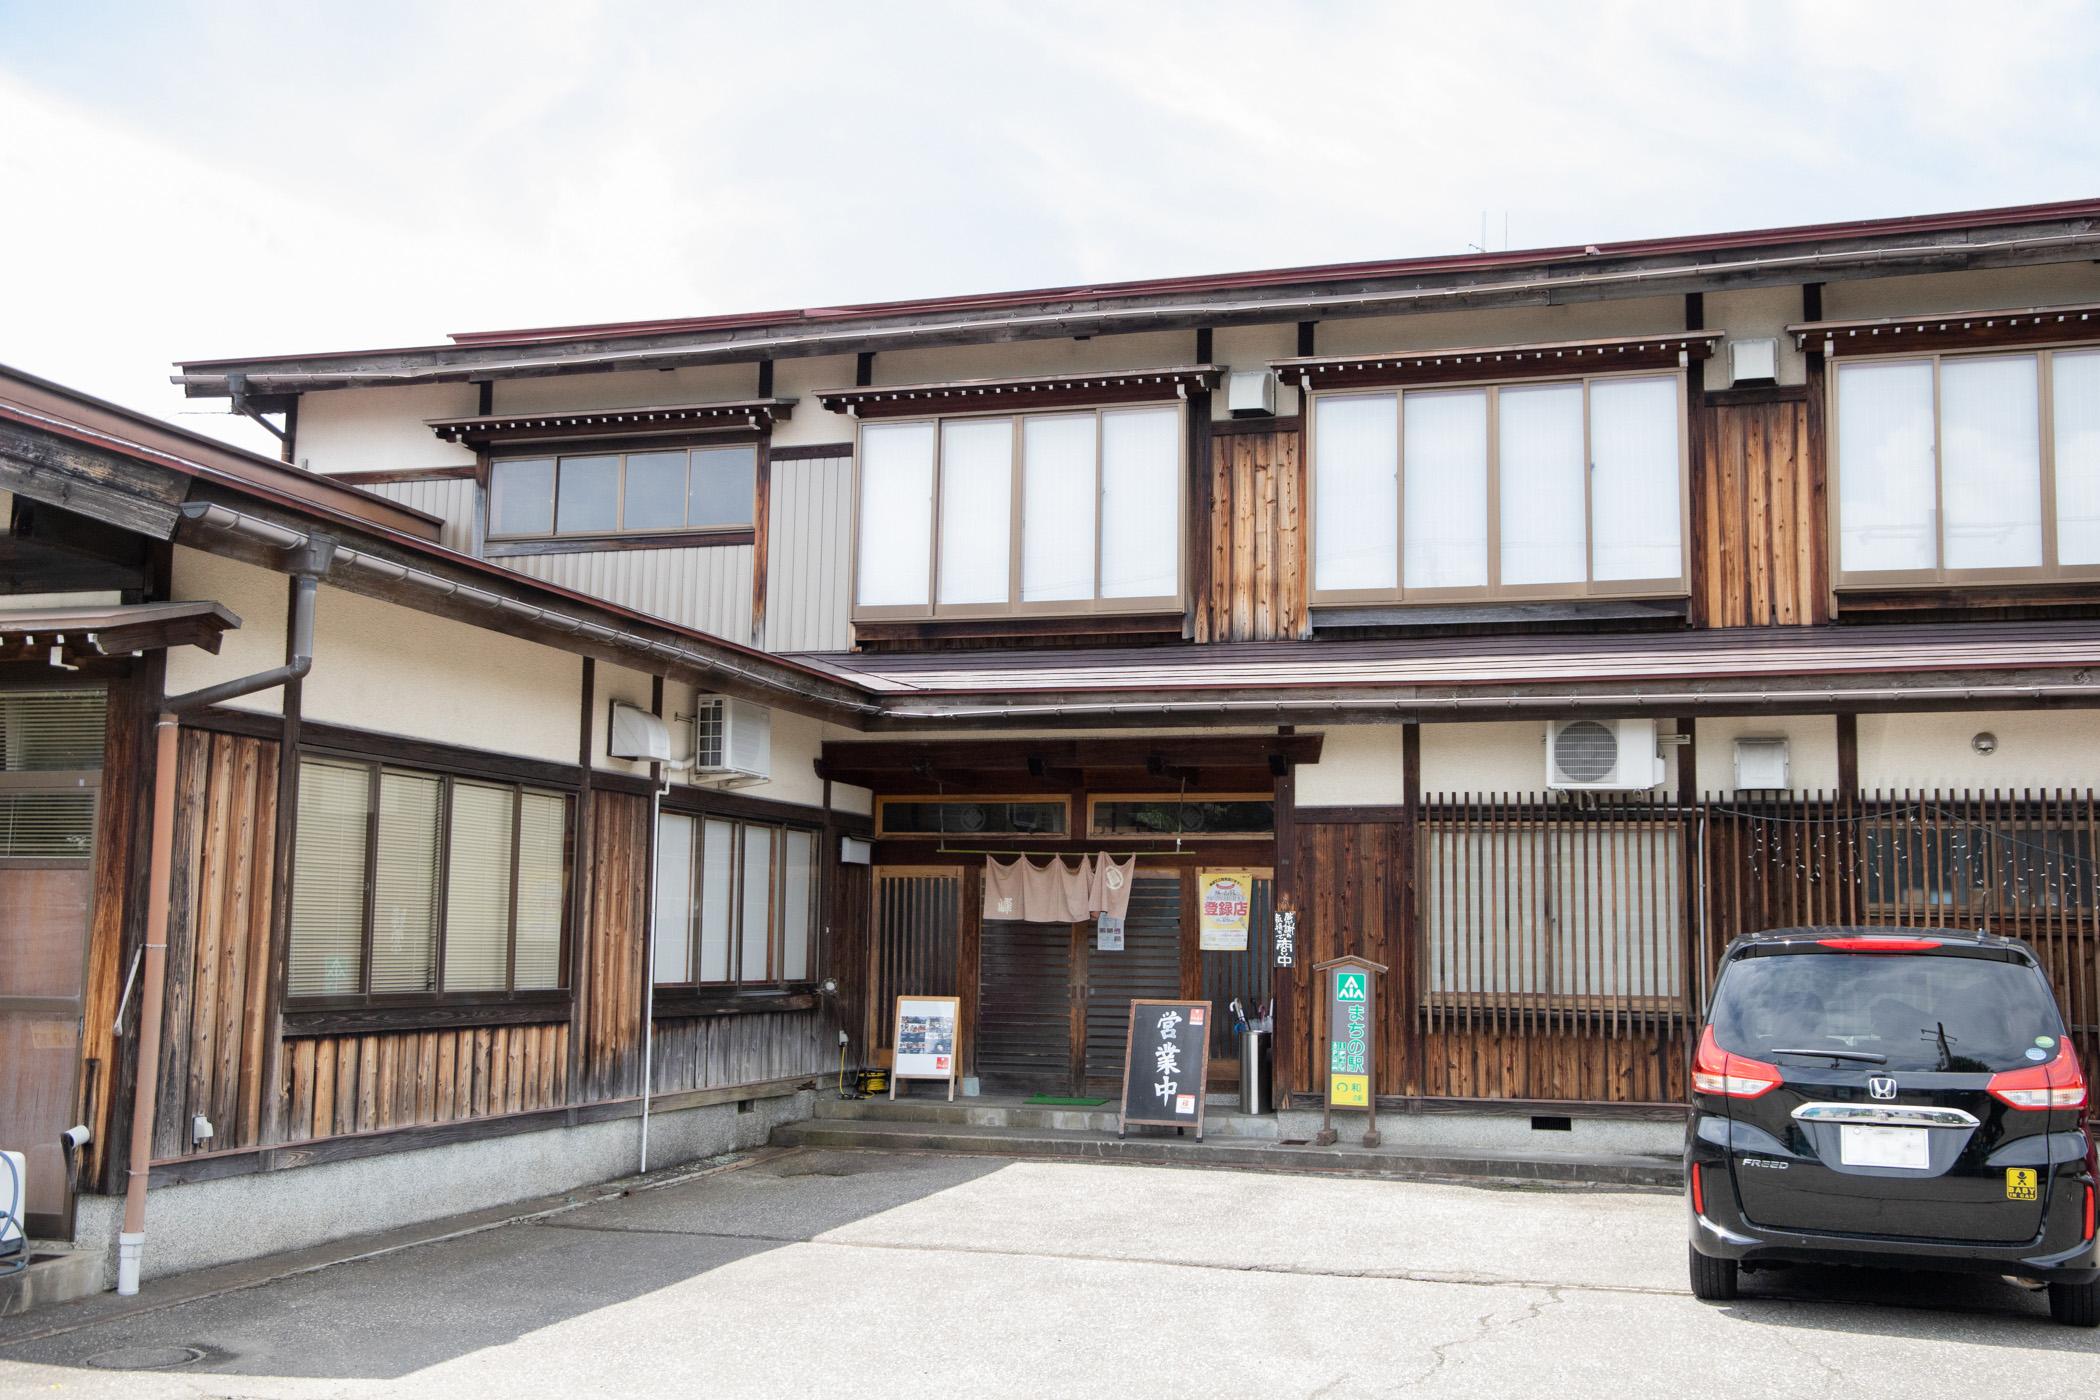 福井県勝山市のレストラン峰